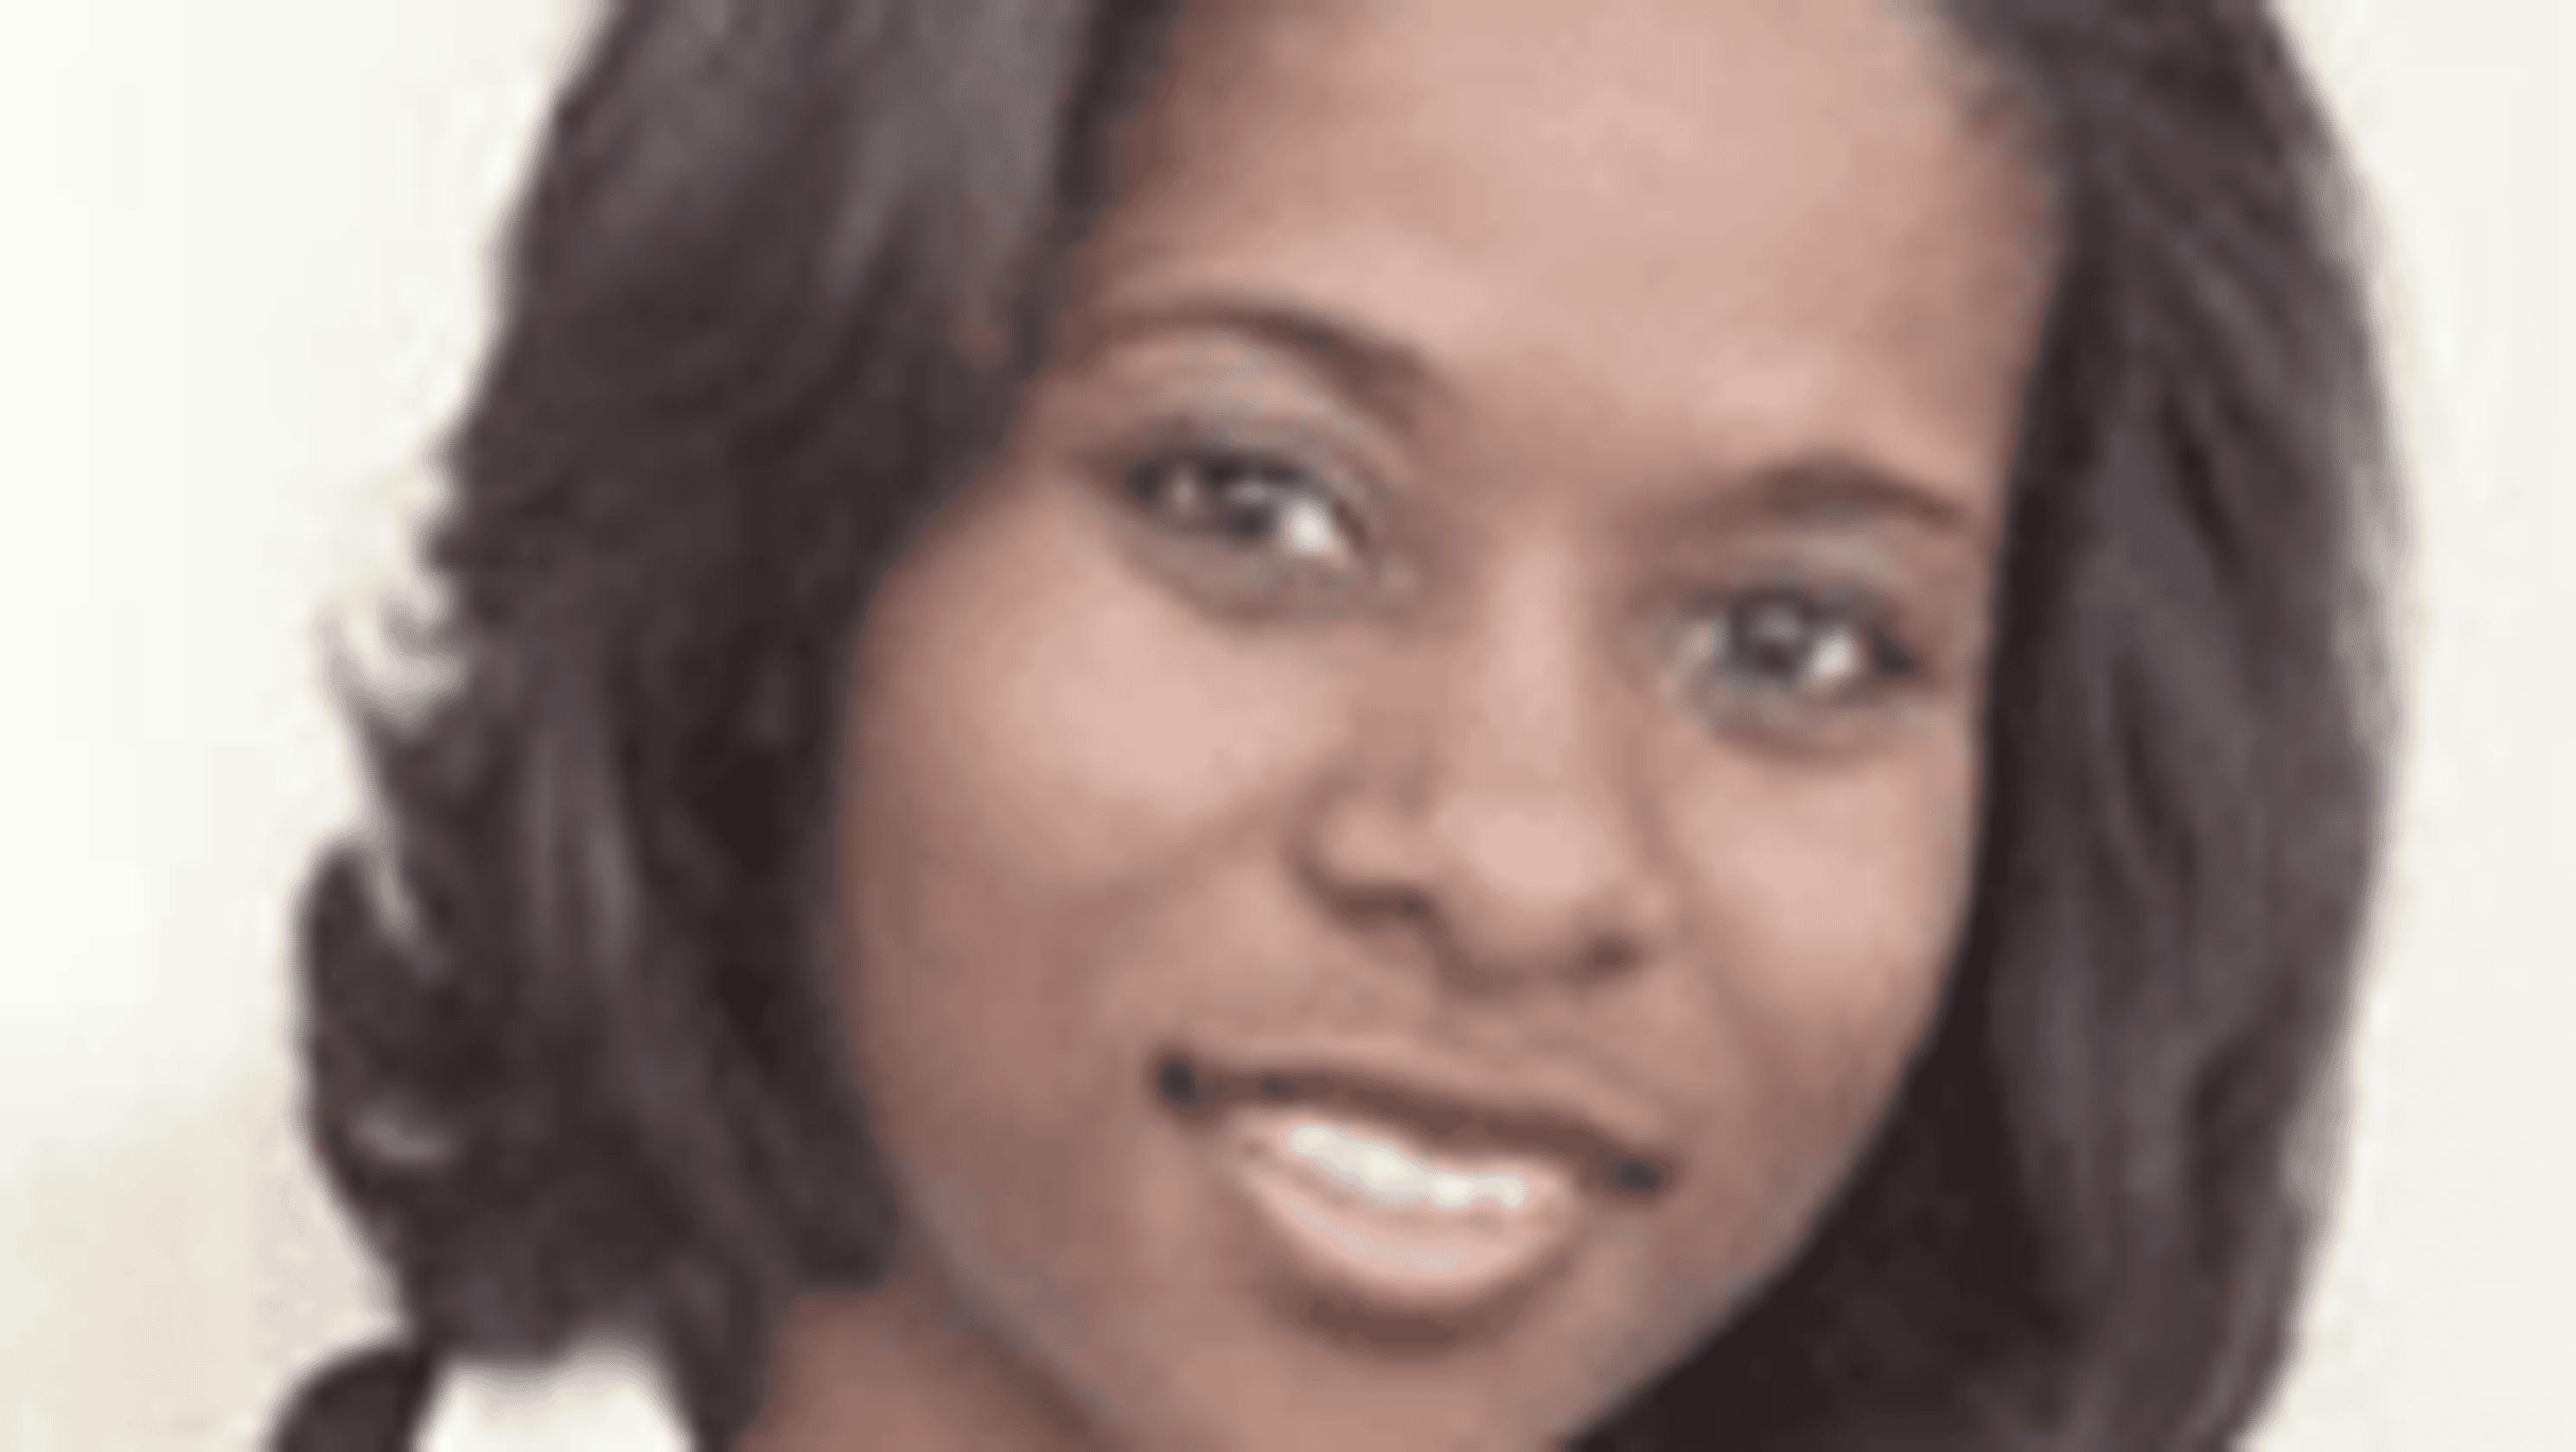 Update: Services for slain FAMU National Alumni Association officer